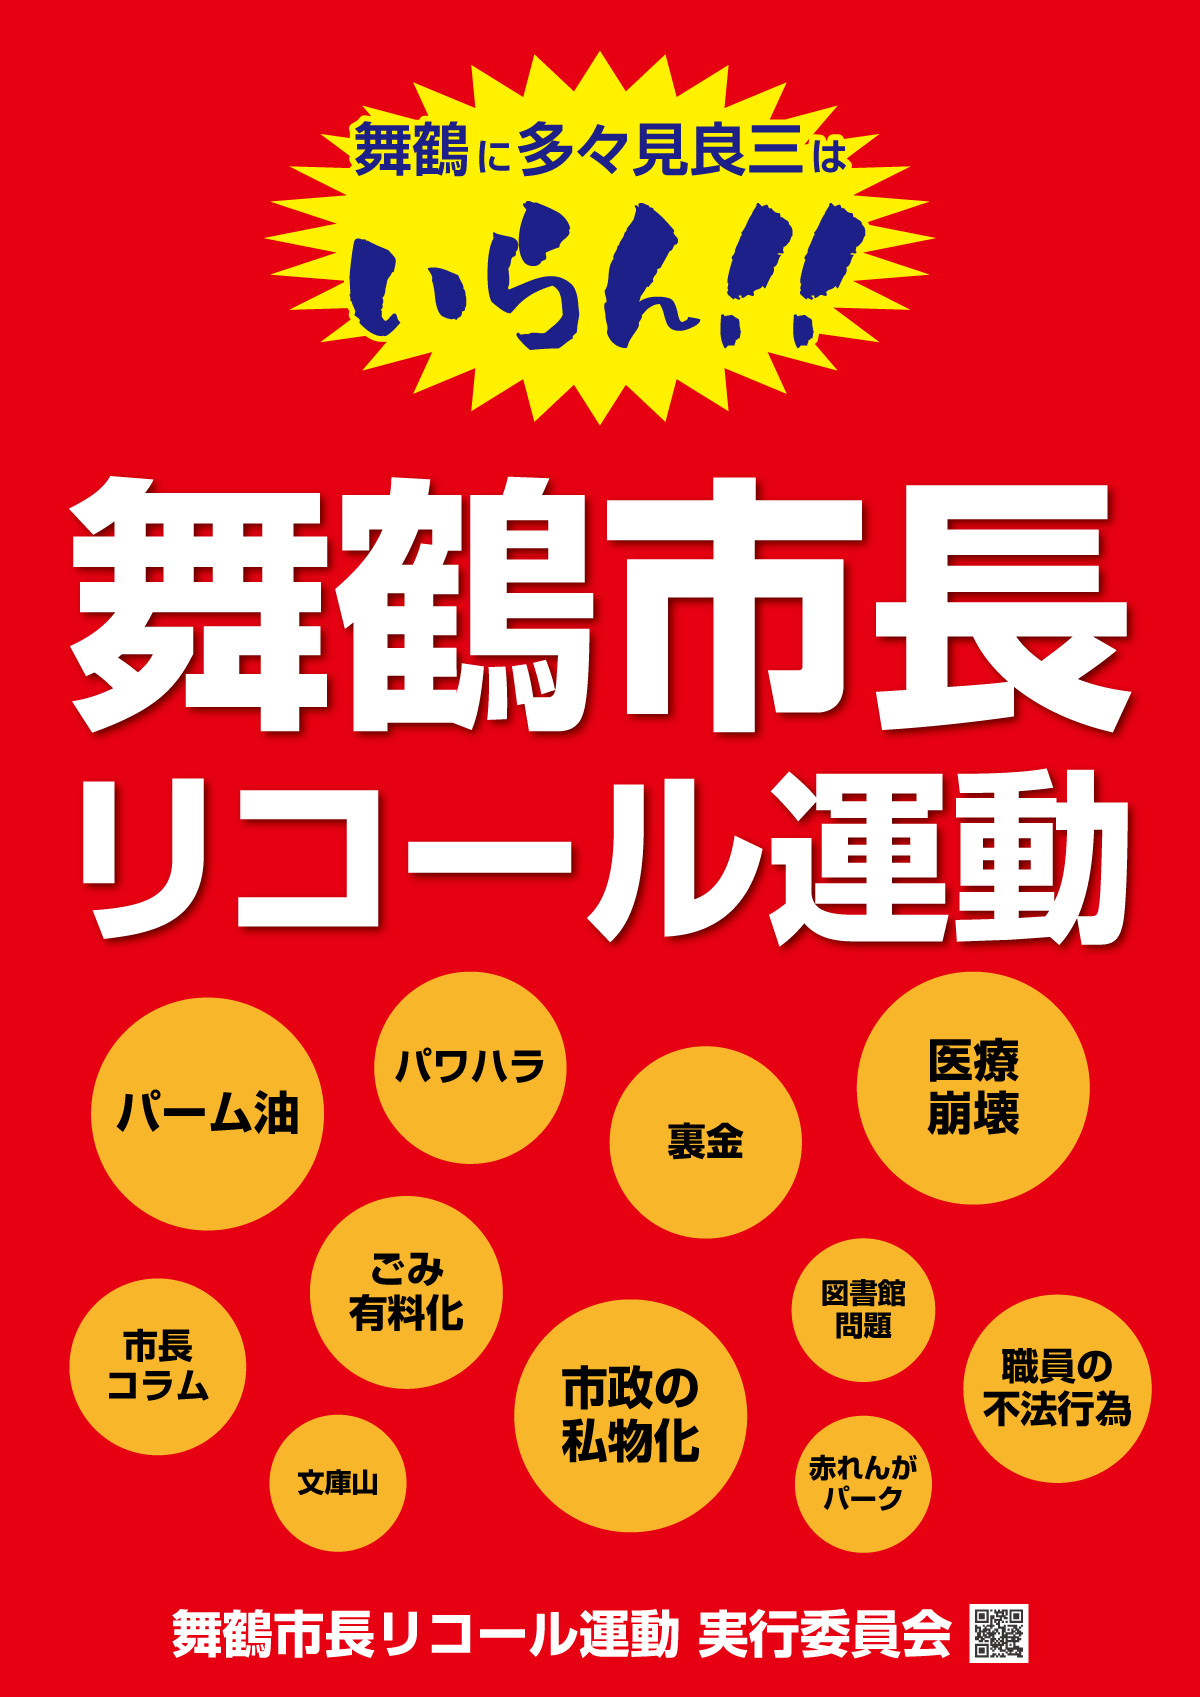 舞鶴市長リコールポスター